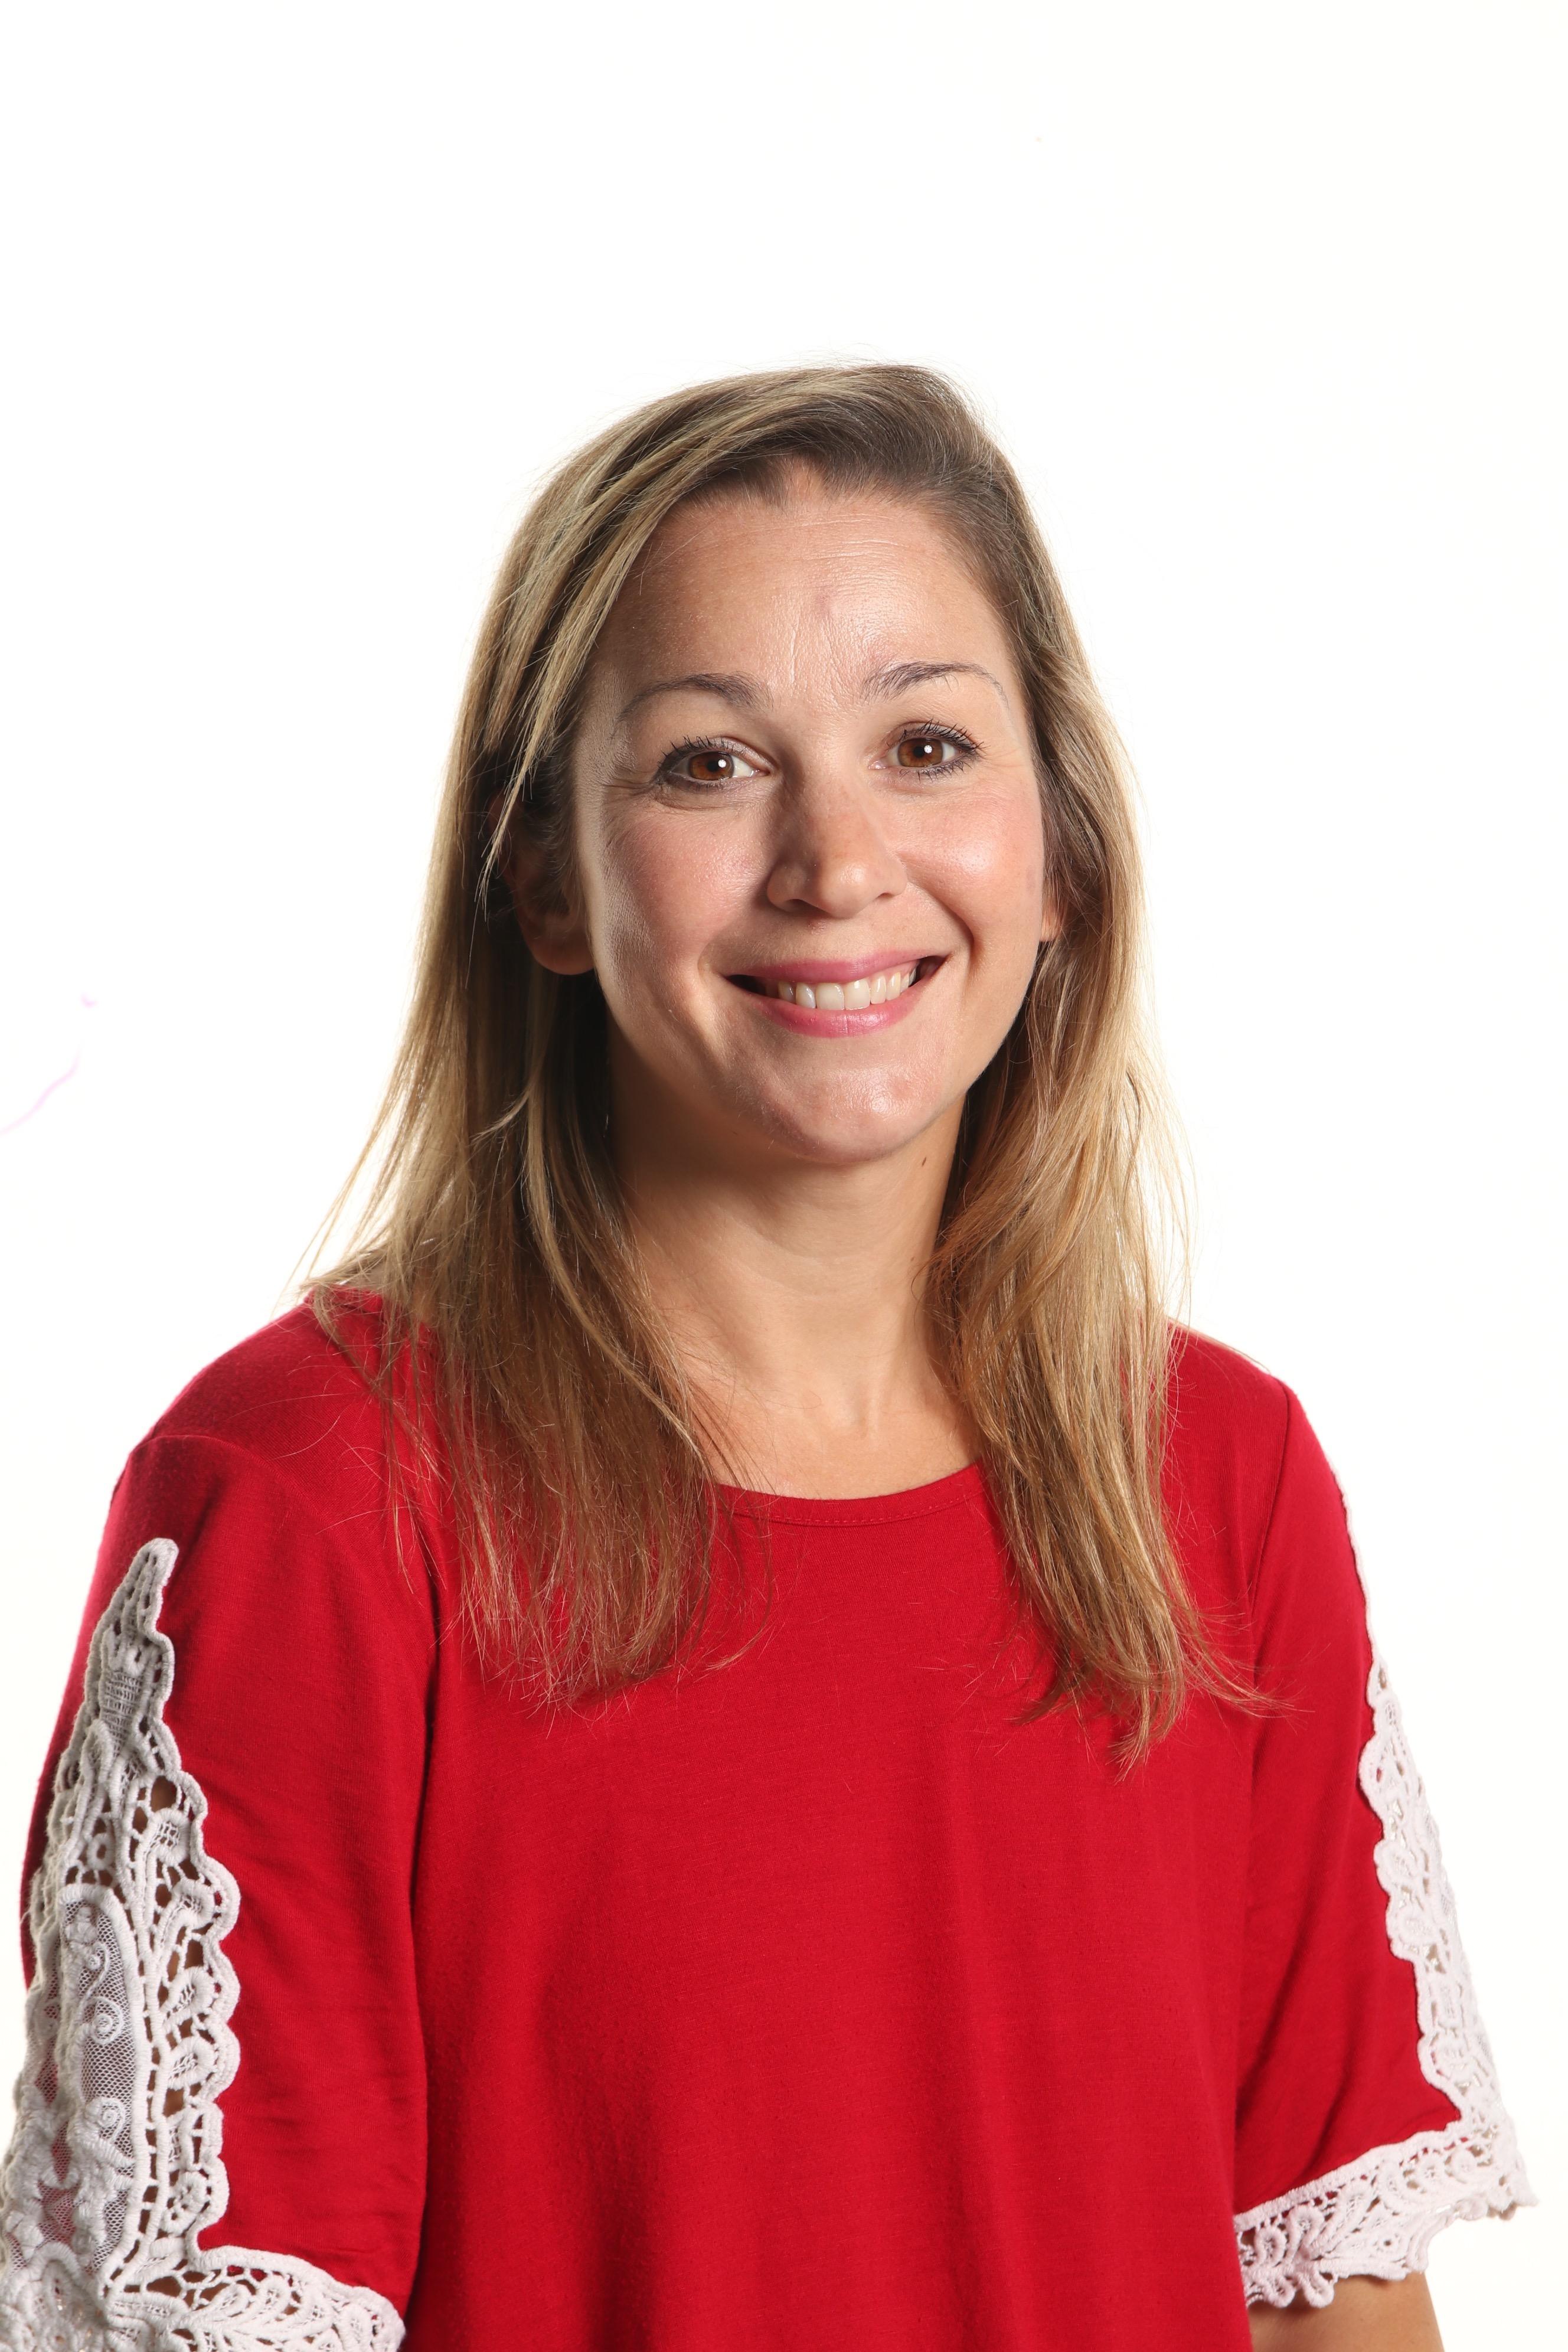 Lientjie Jonker